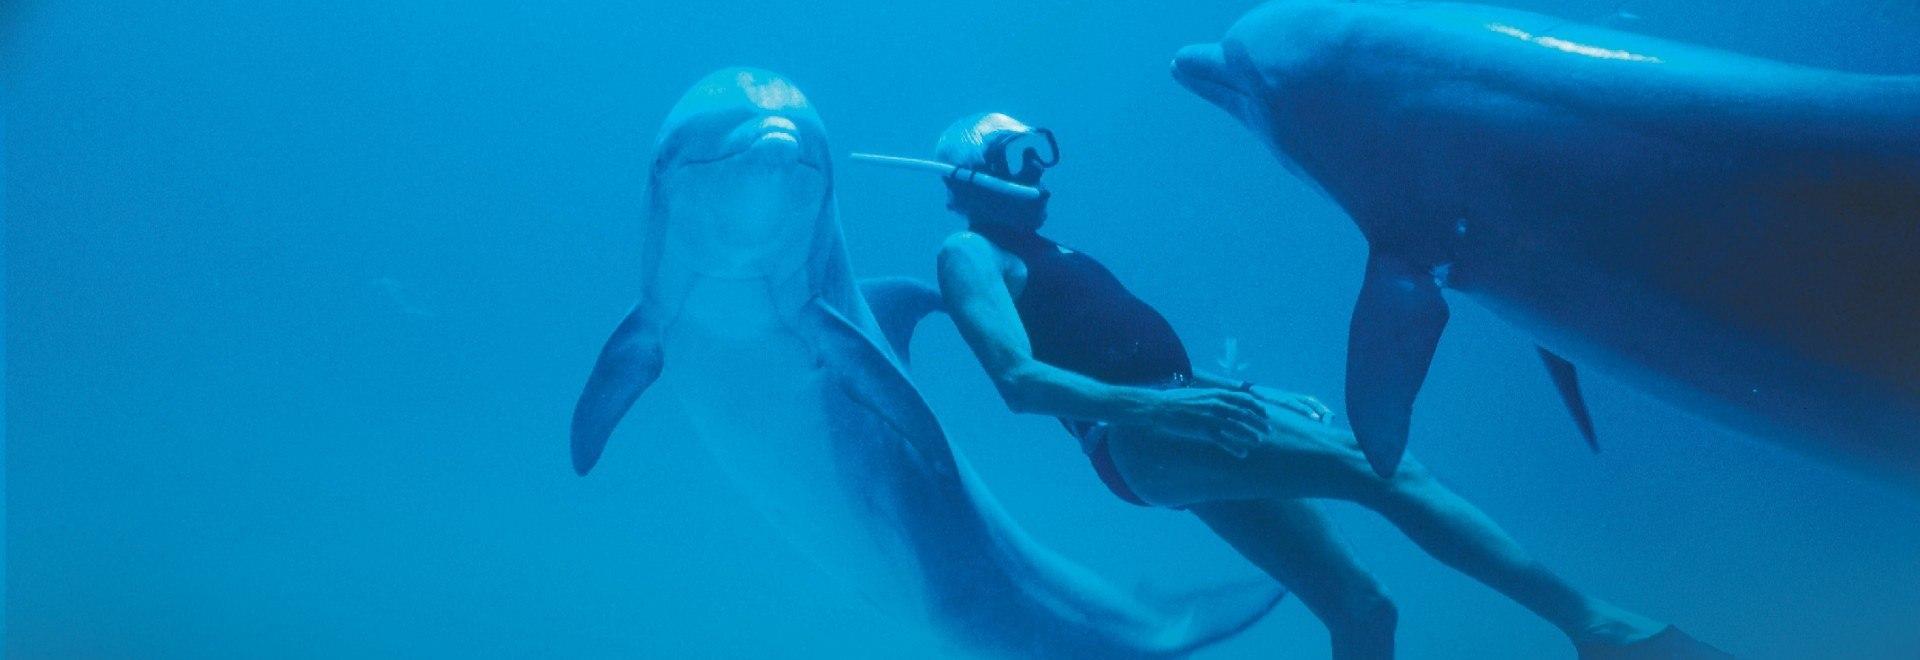 Dolphin Man - L'uomo delfino